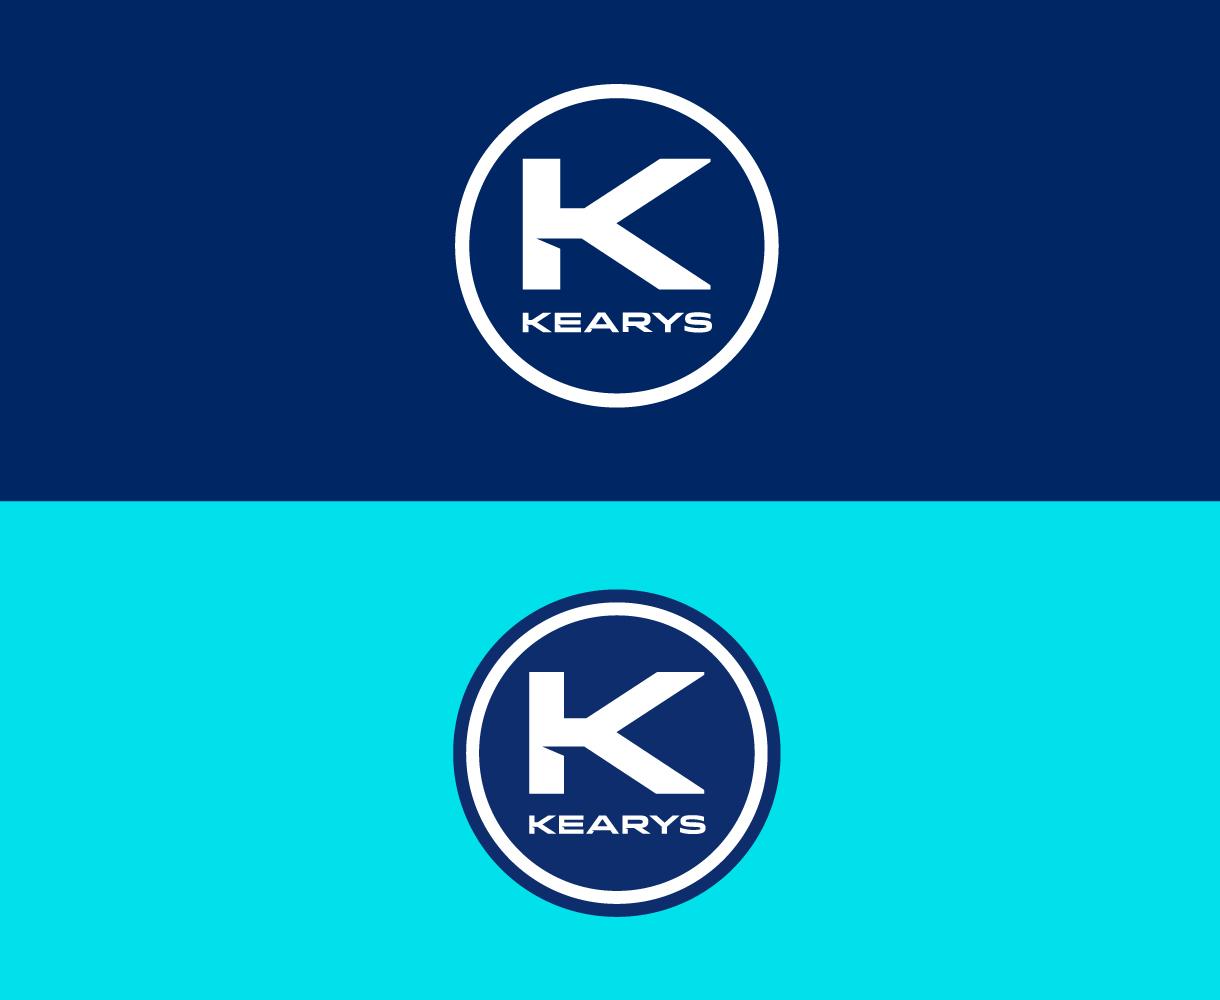 Kearys-Logos-Combined-2